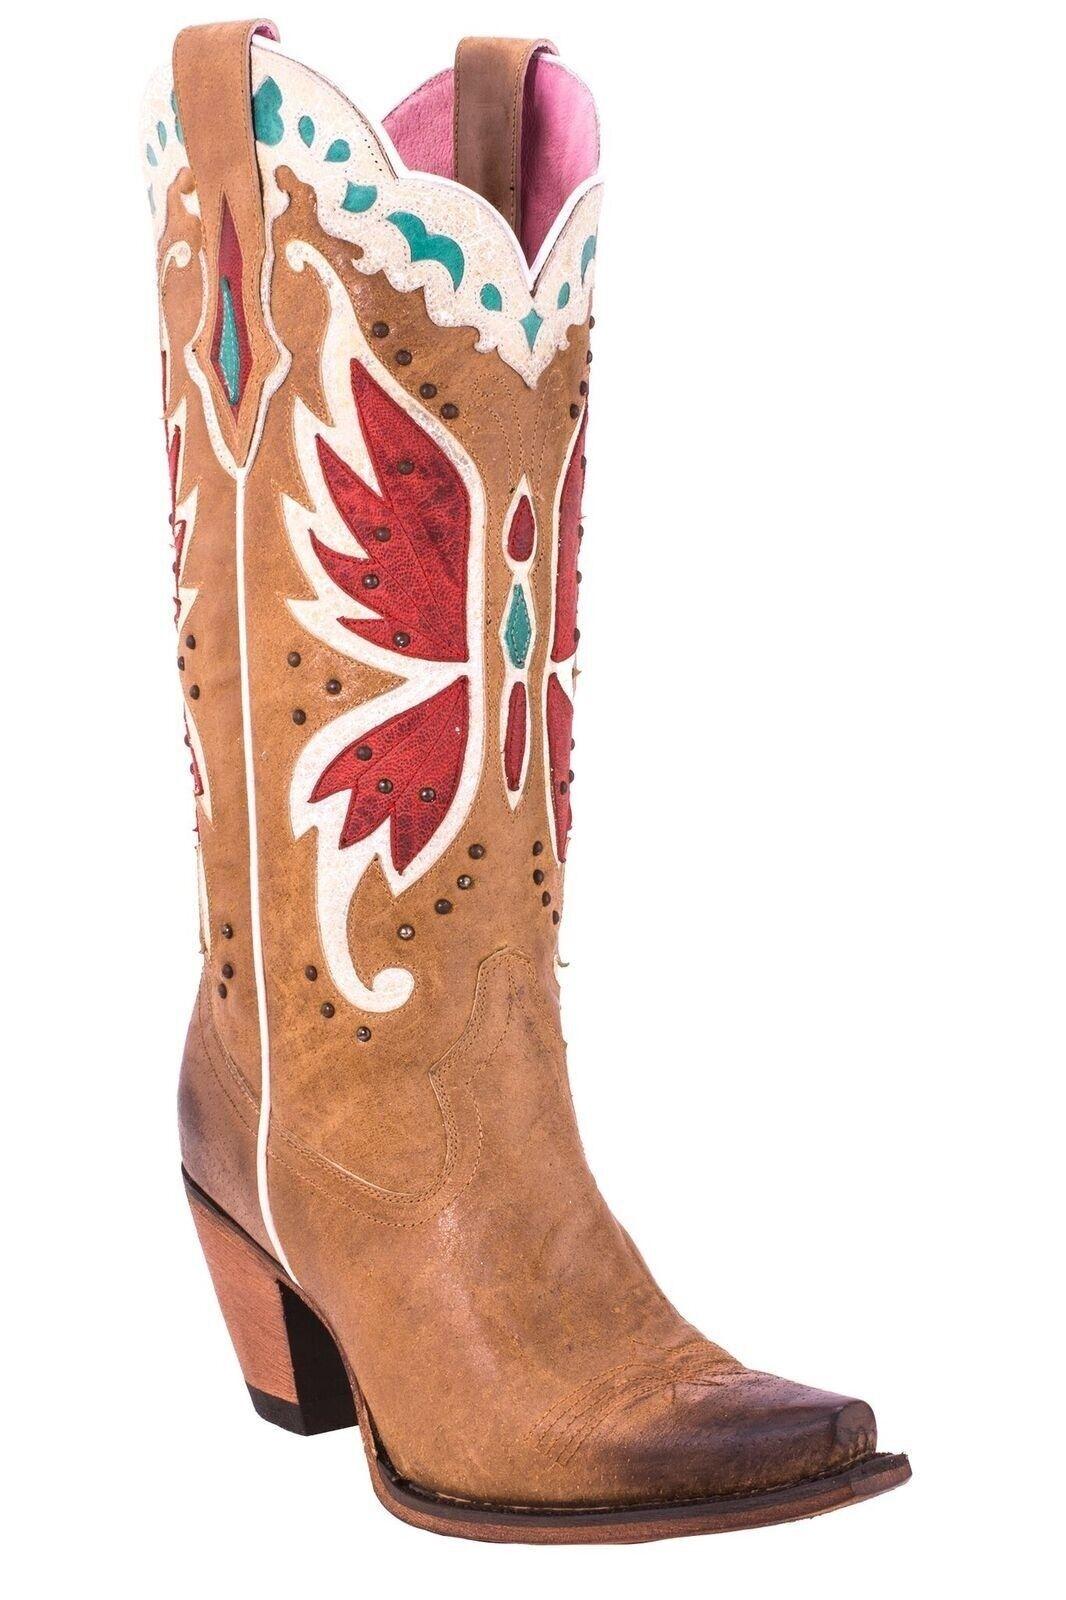 comodamente Donna  Junk Junk Junk Gypsy JB0029B Western stivali  seleziona tra le nuove marche come